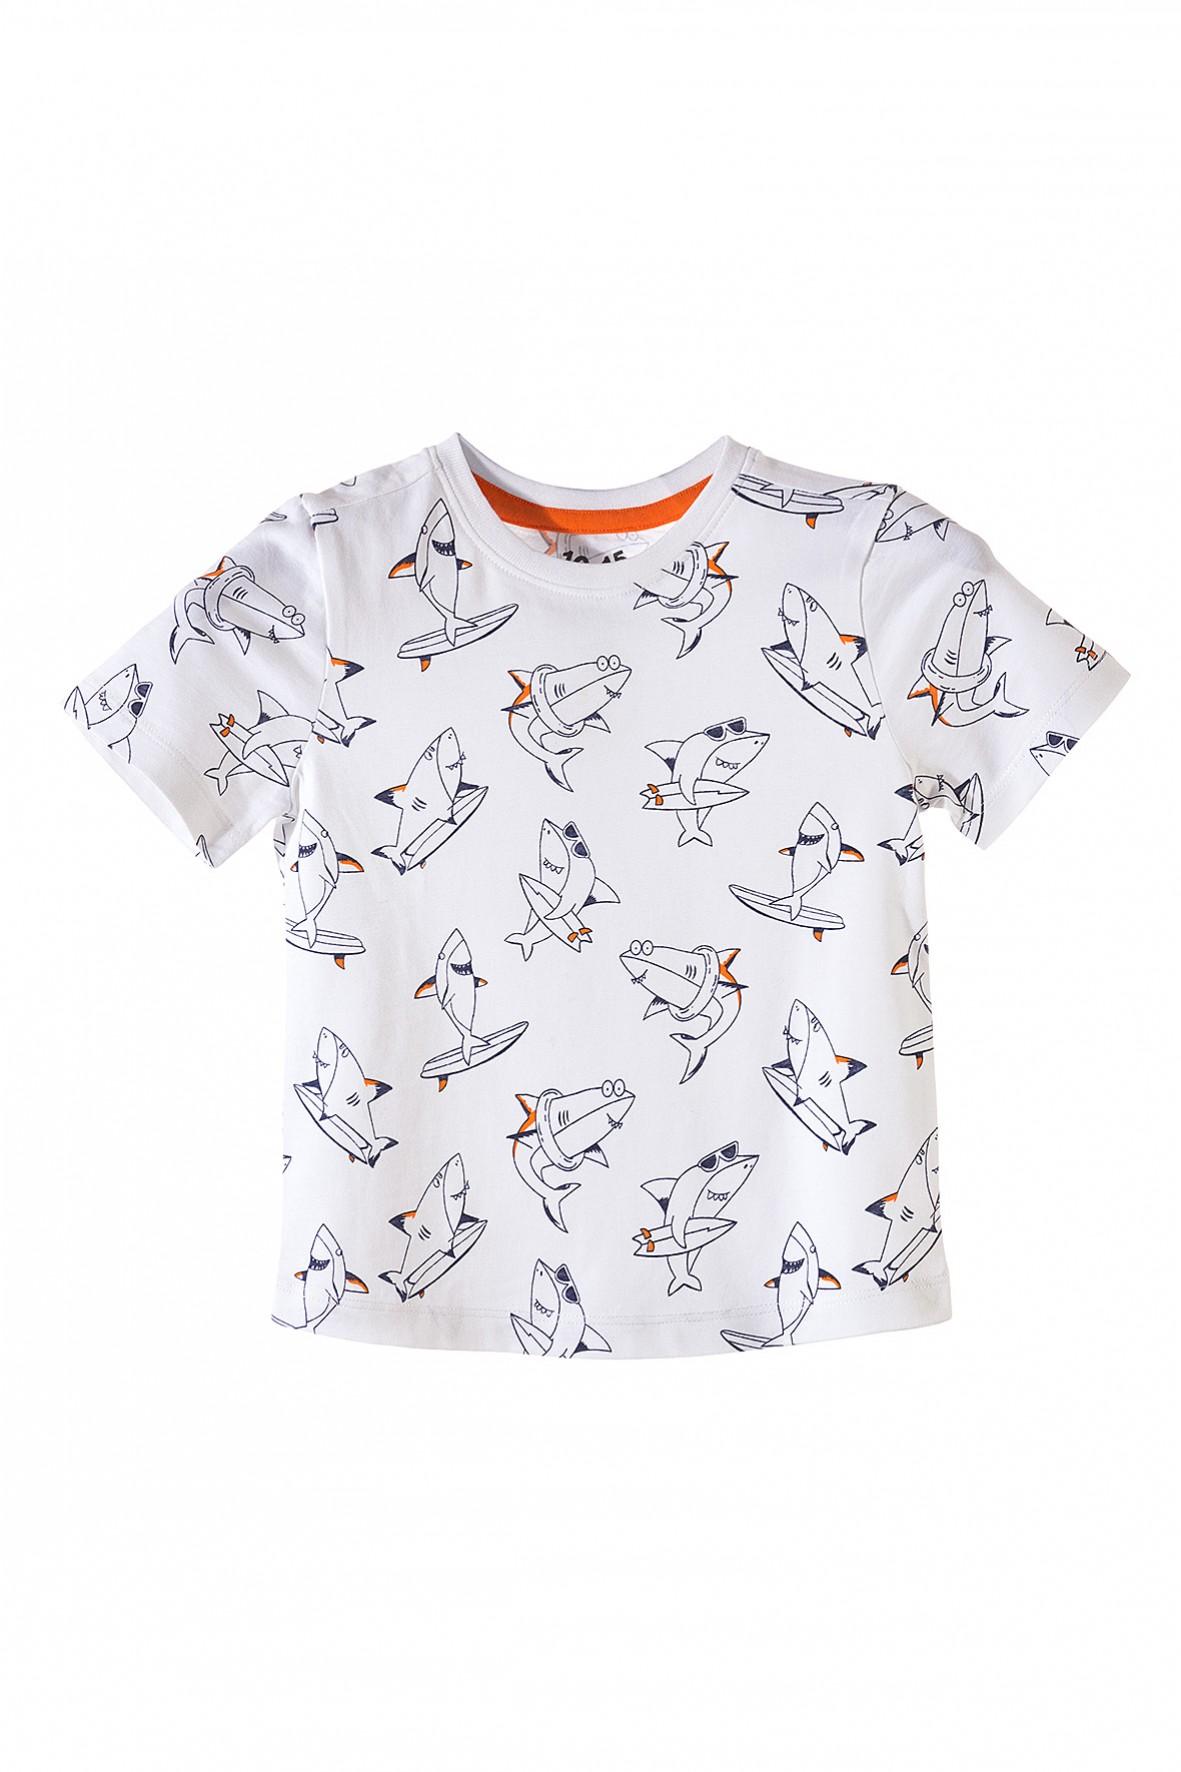 T-shirt dla chłopca- rekiny